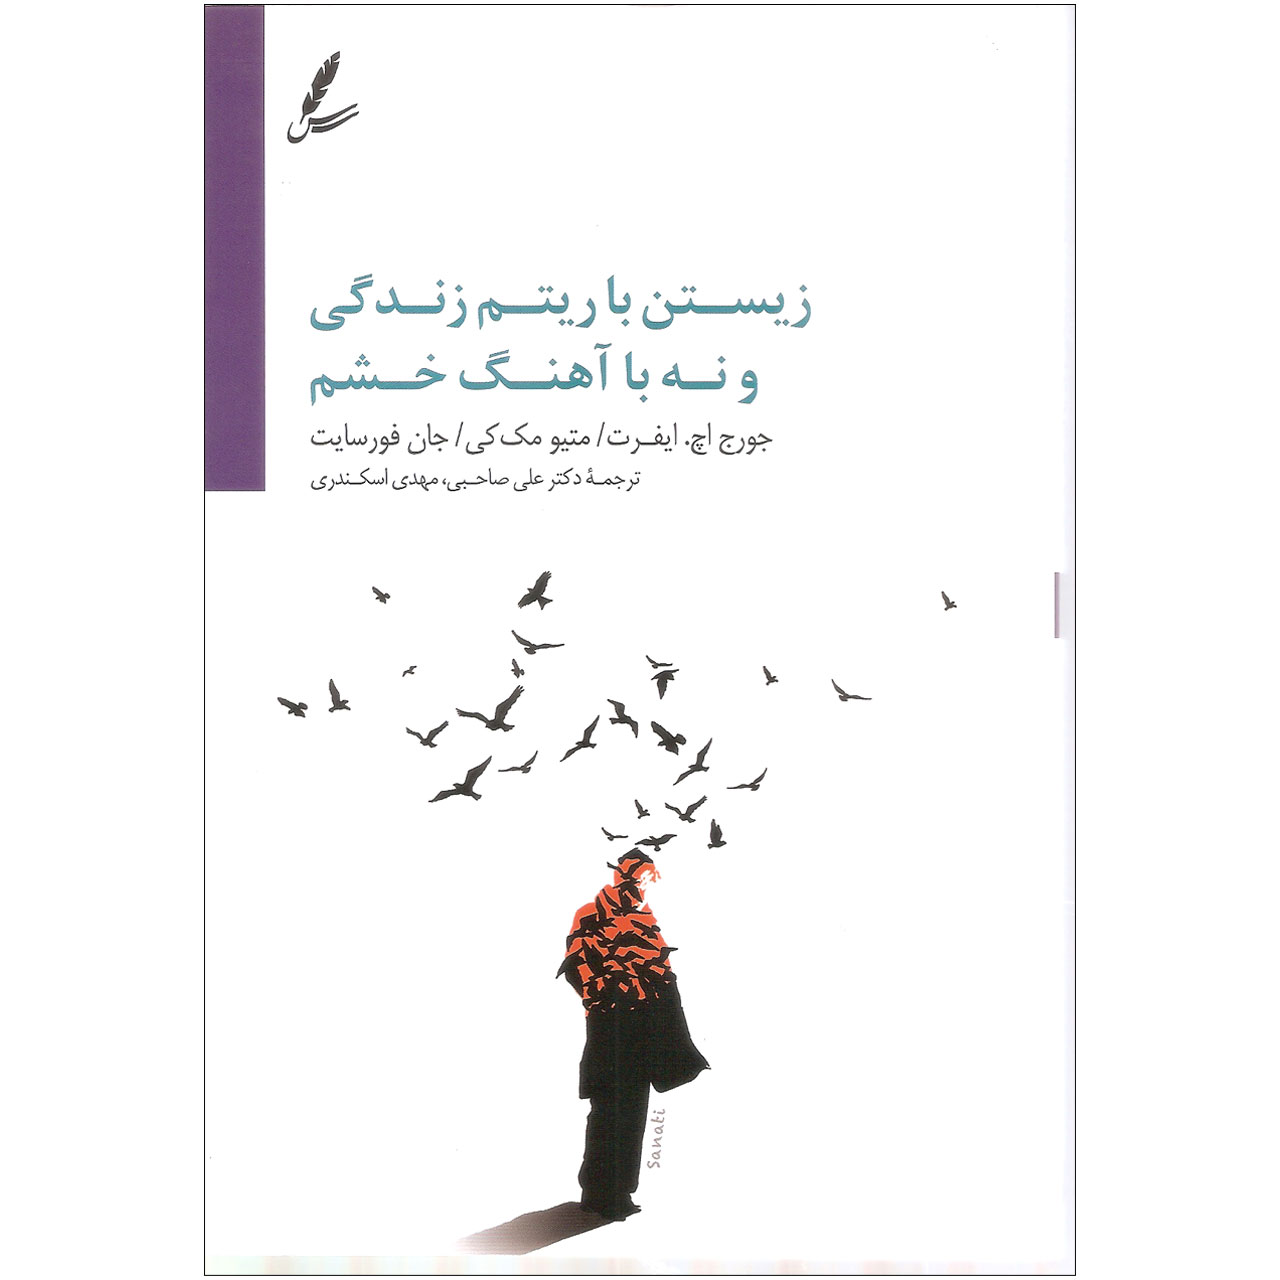 خرید                      کتاب زیستن با ریتم زندگی و نه با آهنگ خشم اثر جمعی از نویسندگان نشر سایه سخن